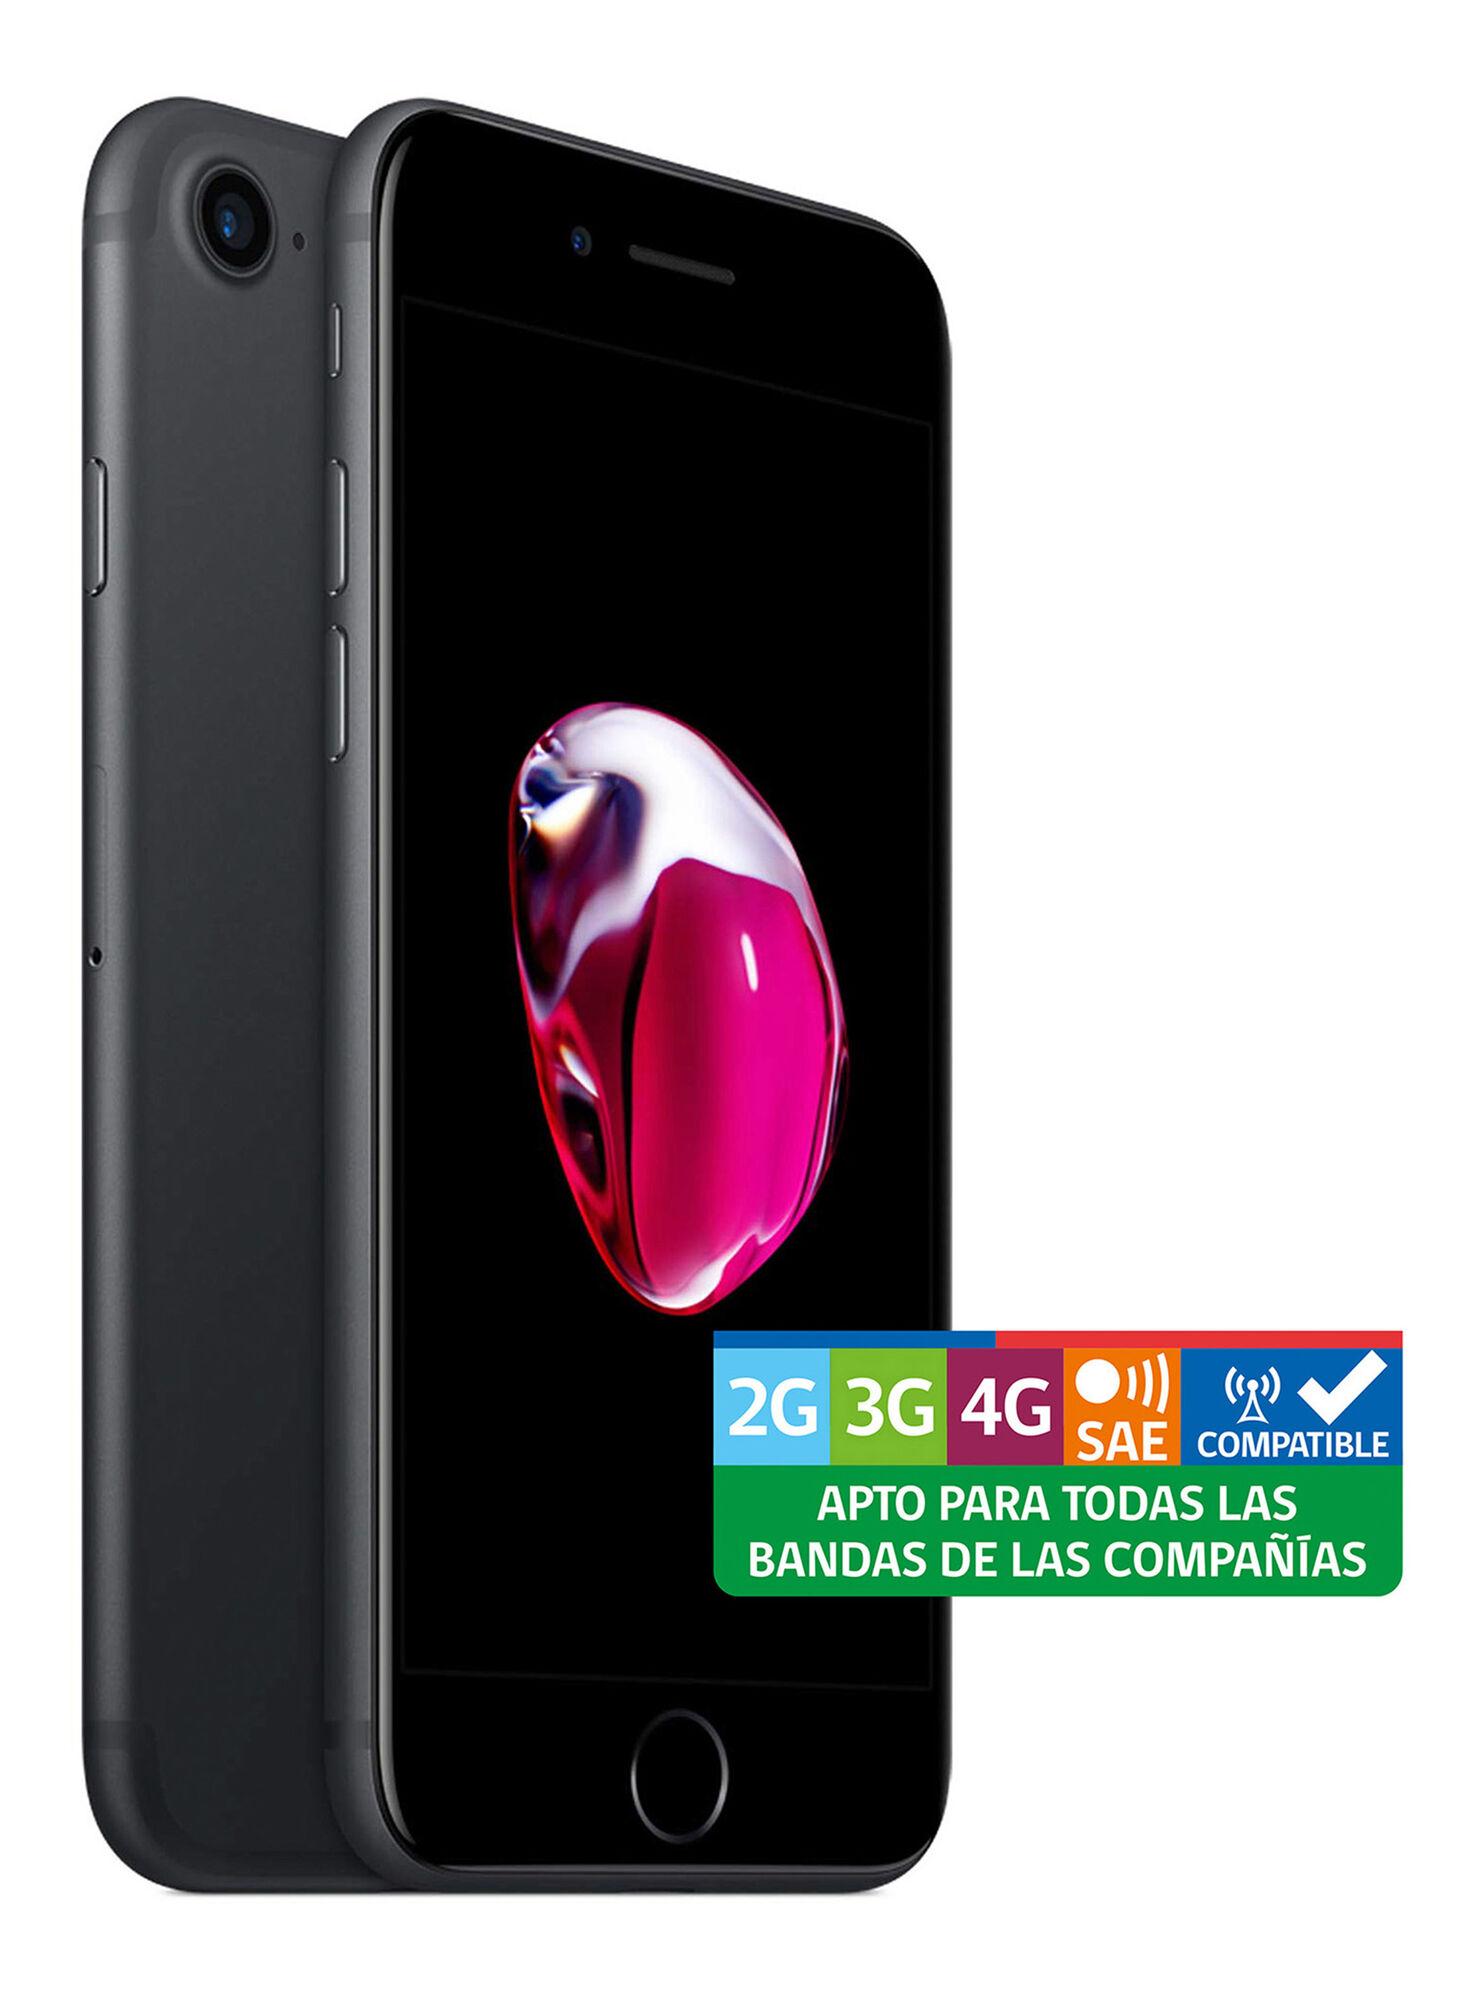 50a8fc9d3 iPhone 7 32GB Negro 4,7